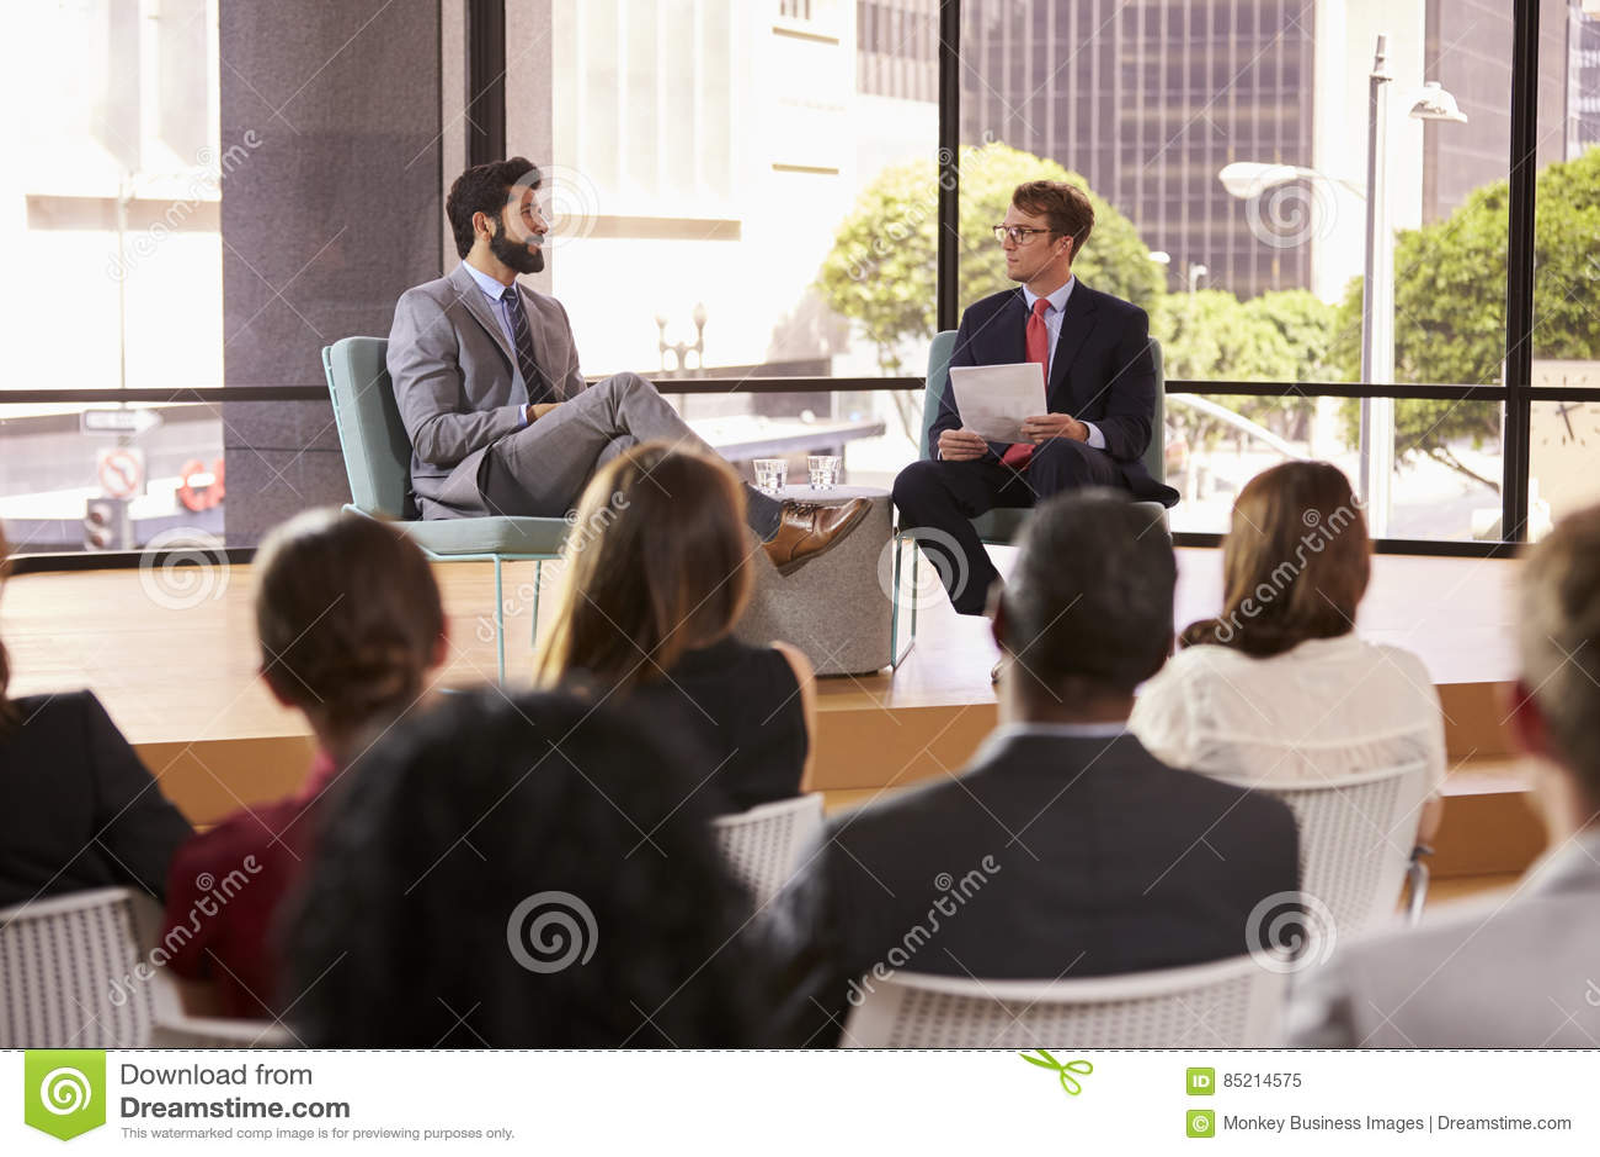 Högtalare och intervjuare framme av åhörare på ett seminarium